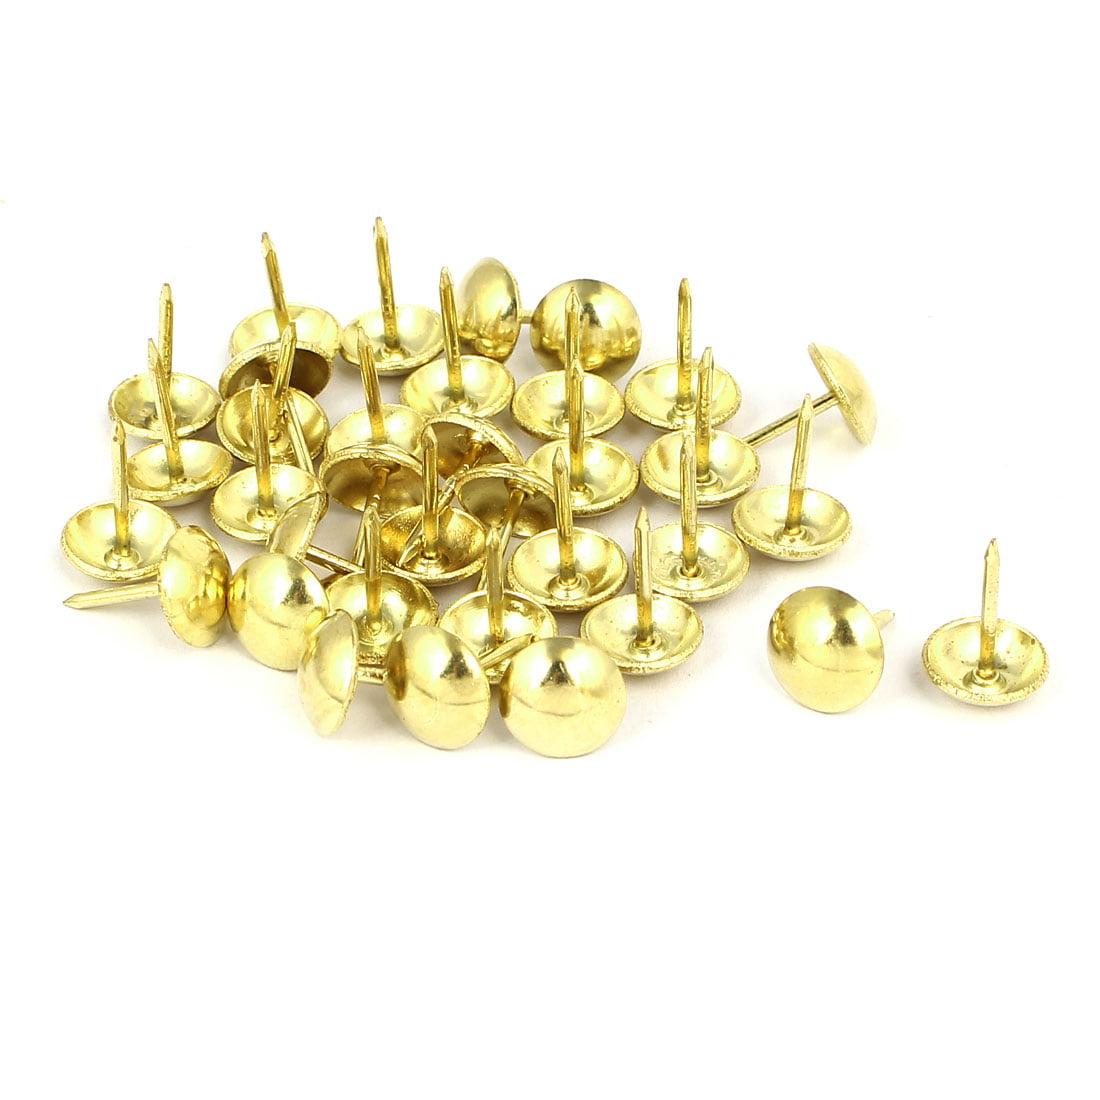 """7/16"""" Dia Metal Upholstery Nail Thumb Tack Push Pin Doornail Gold Tone 35PCS - image 2 of 2"""